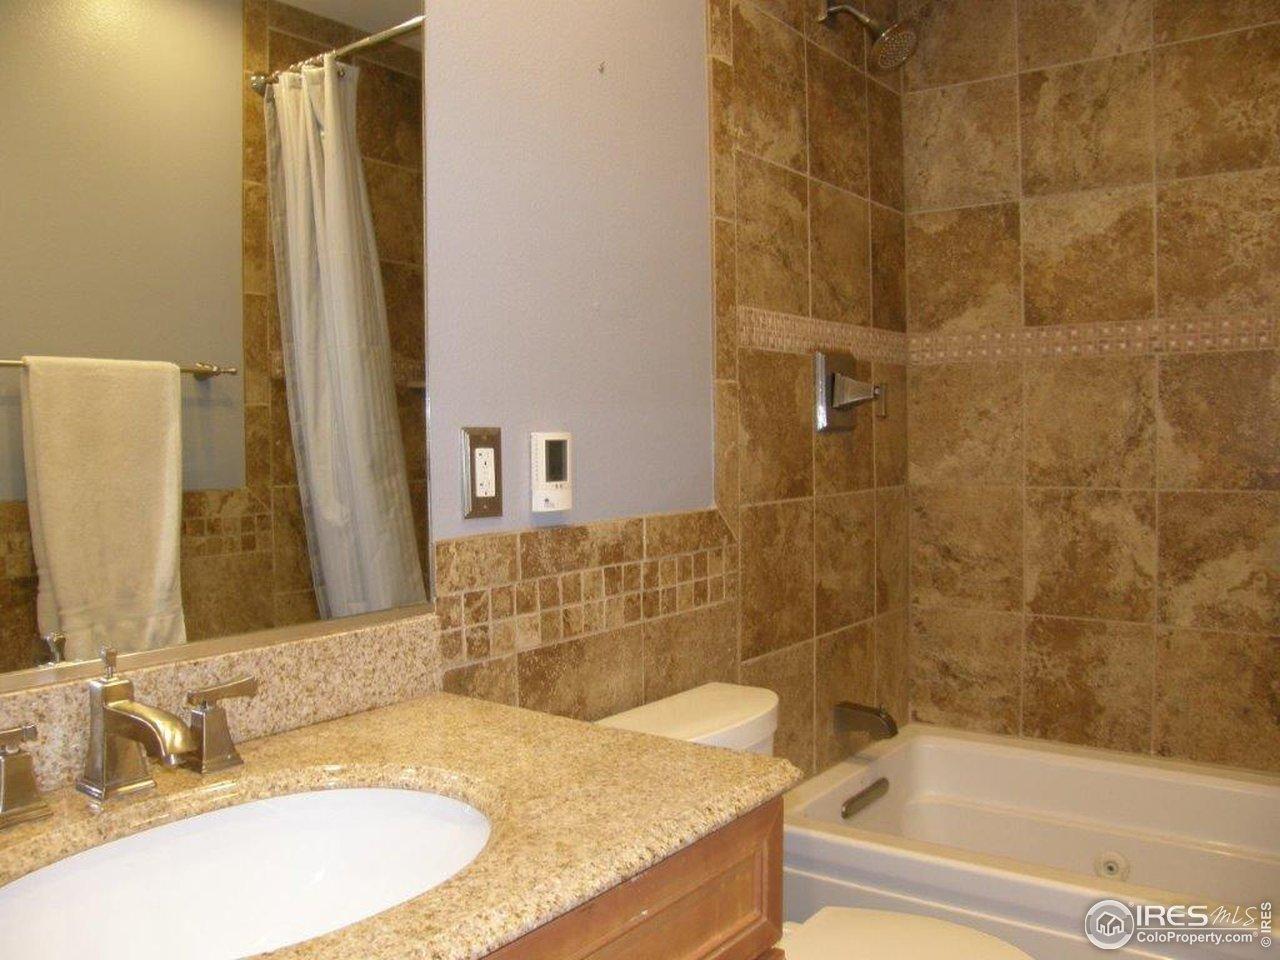 2nd floor hall bath w/ Jacuzzi tub